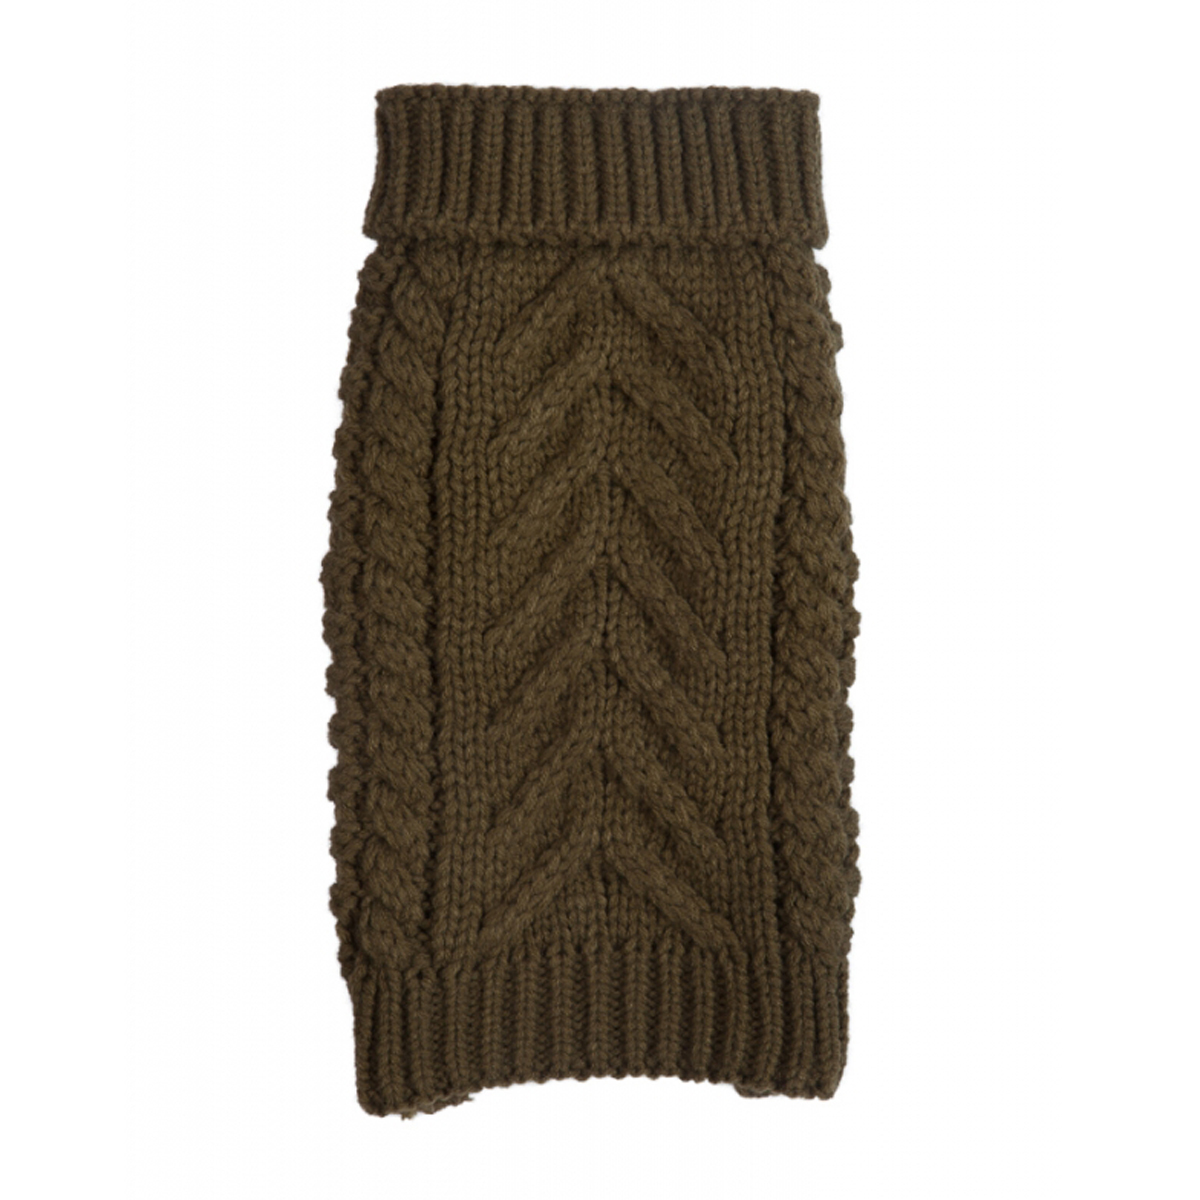 Chunky Turtleneck Dog Sweater - Olive